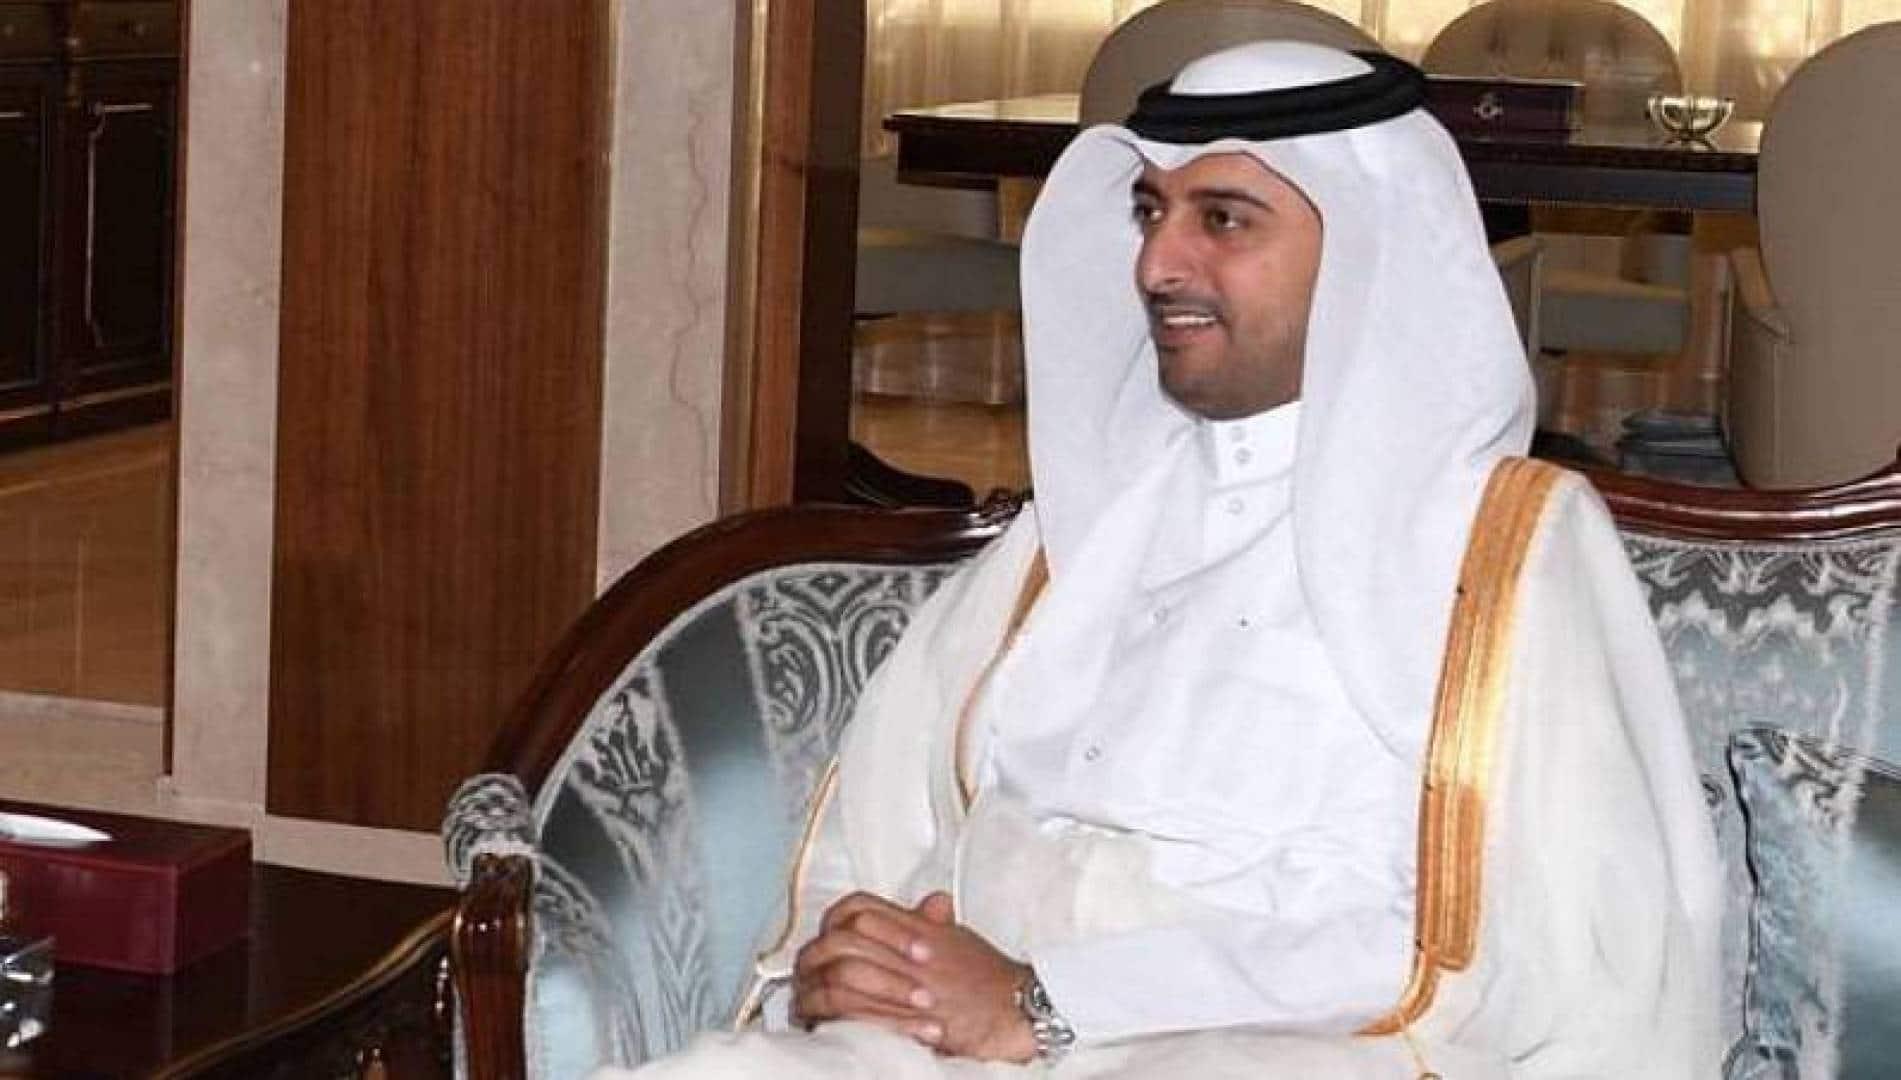 """بندر العطية سفيراً لقطر لدى السعودية.. تعرف على """"ابن الزعيم"""" الذي عينه الأمير تميم"""